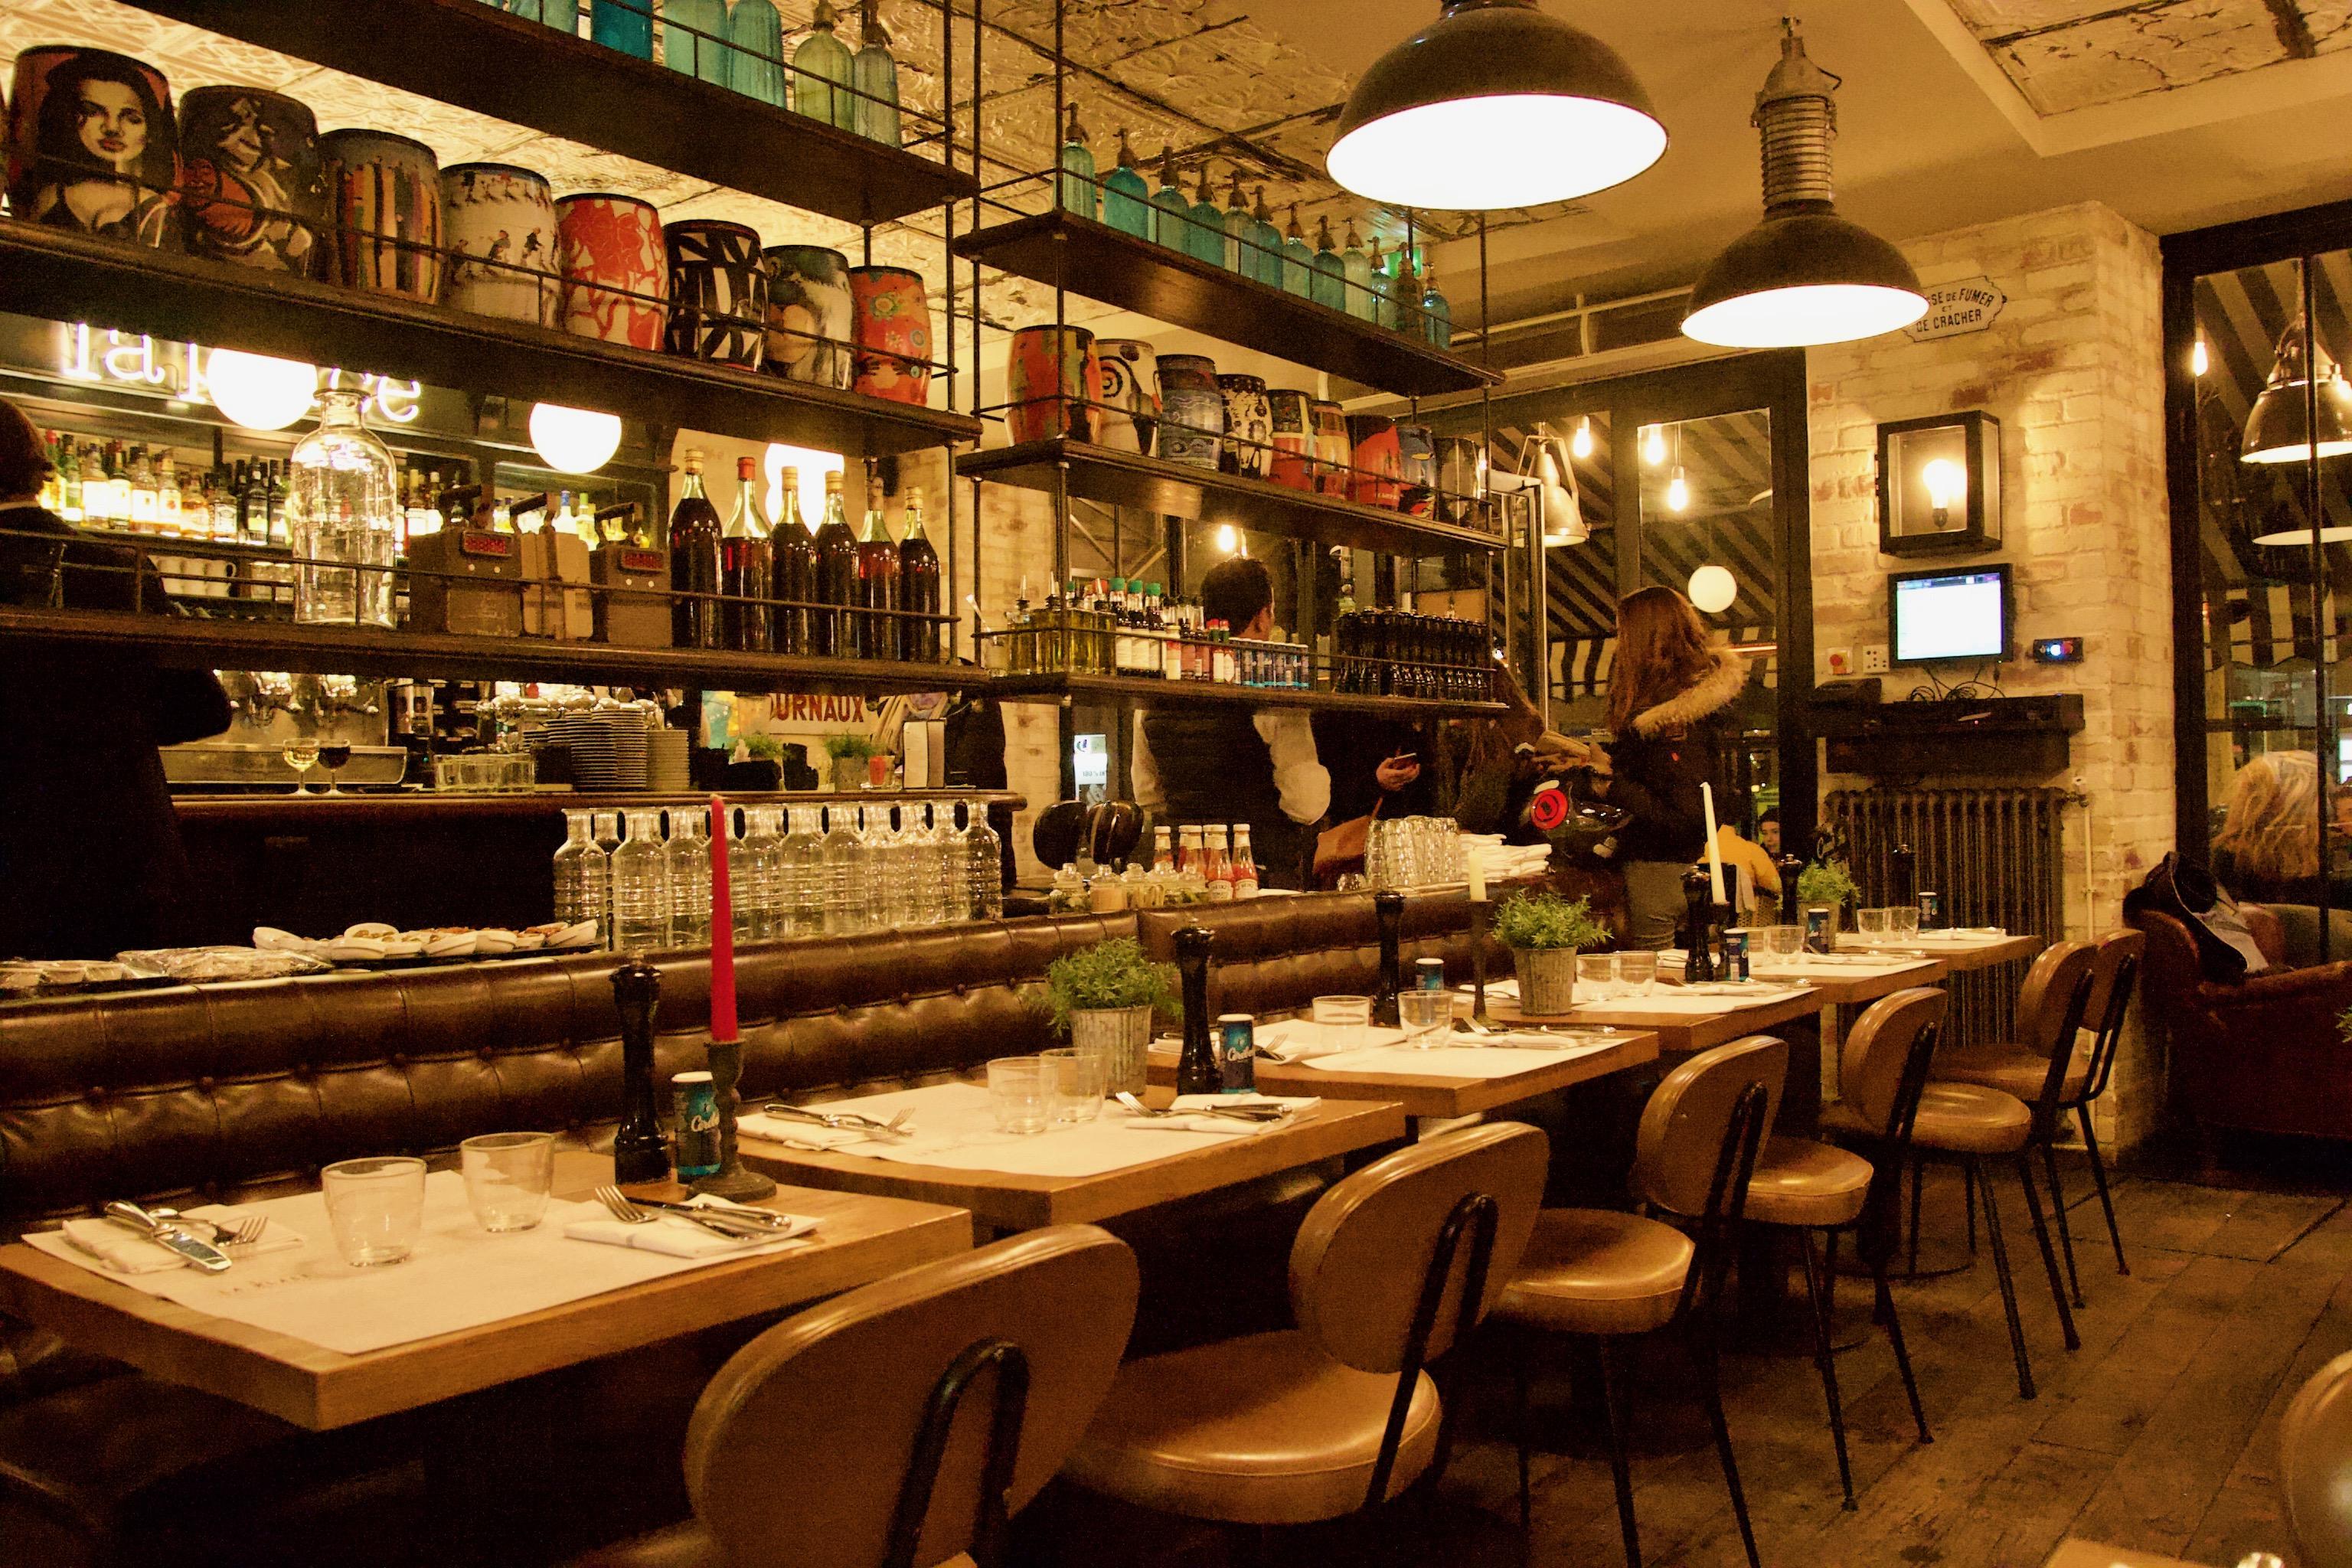 Tables dressées, chaises, vases, siphons, salle de restaurant, La Place, Neuilly